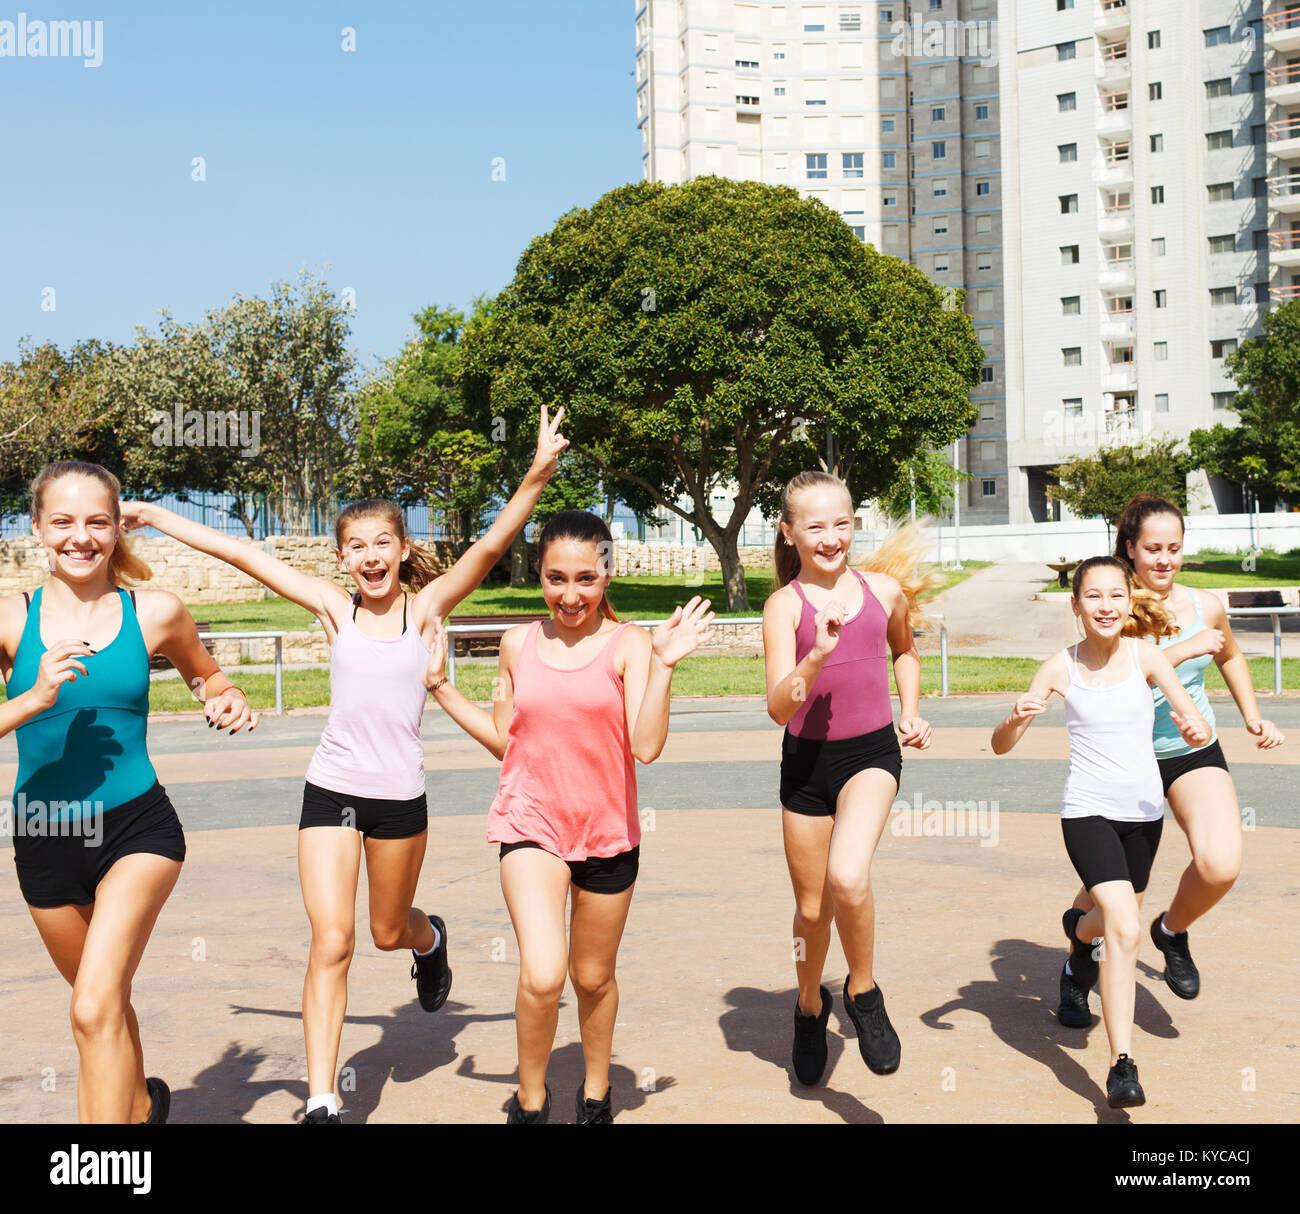 Group of teenage girls running in playground Stock Photo - Alamy